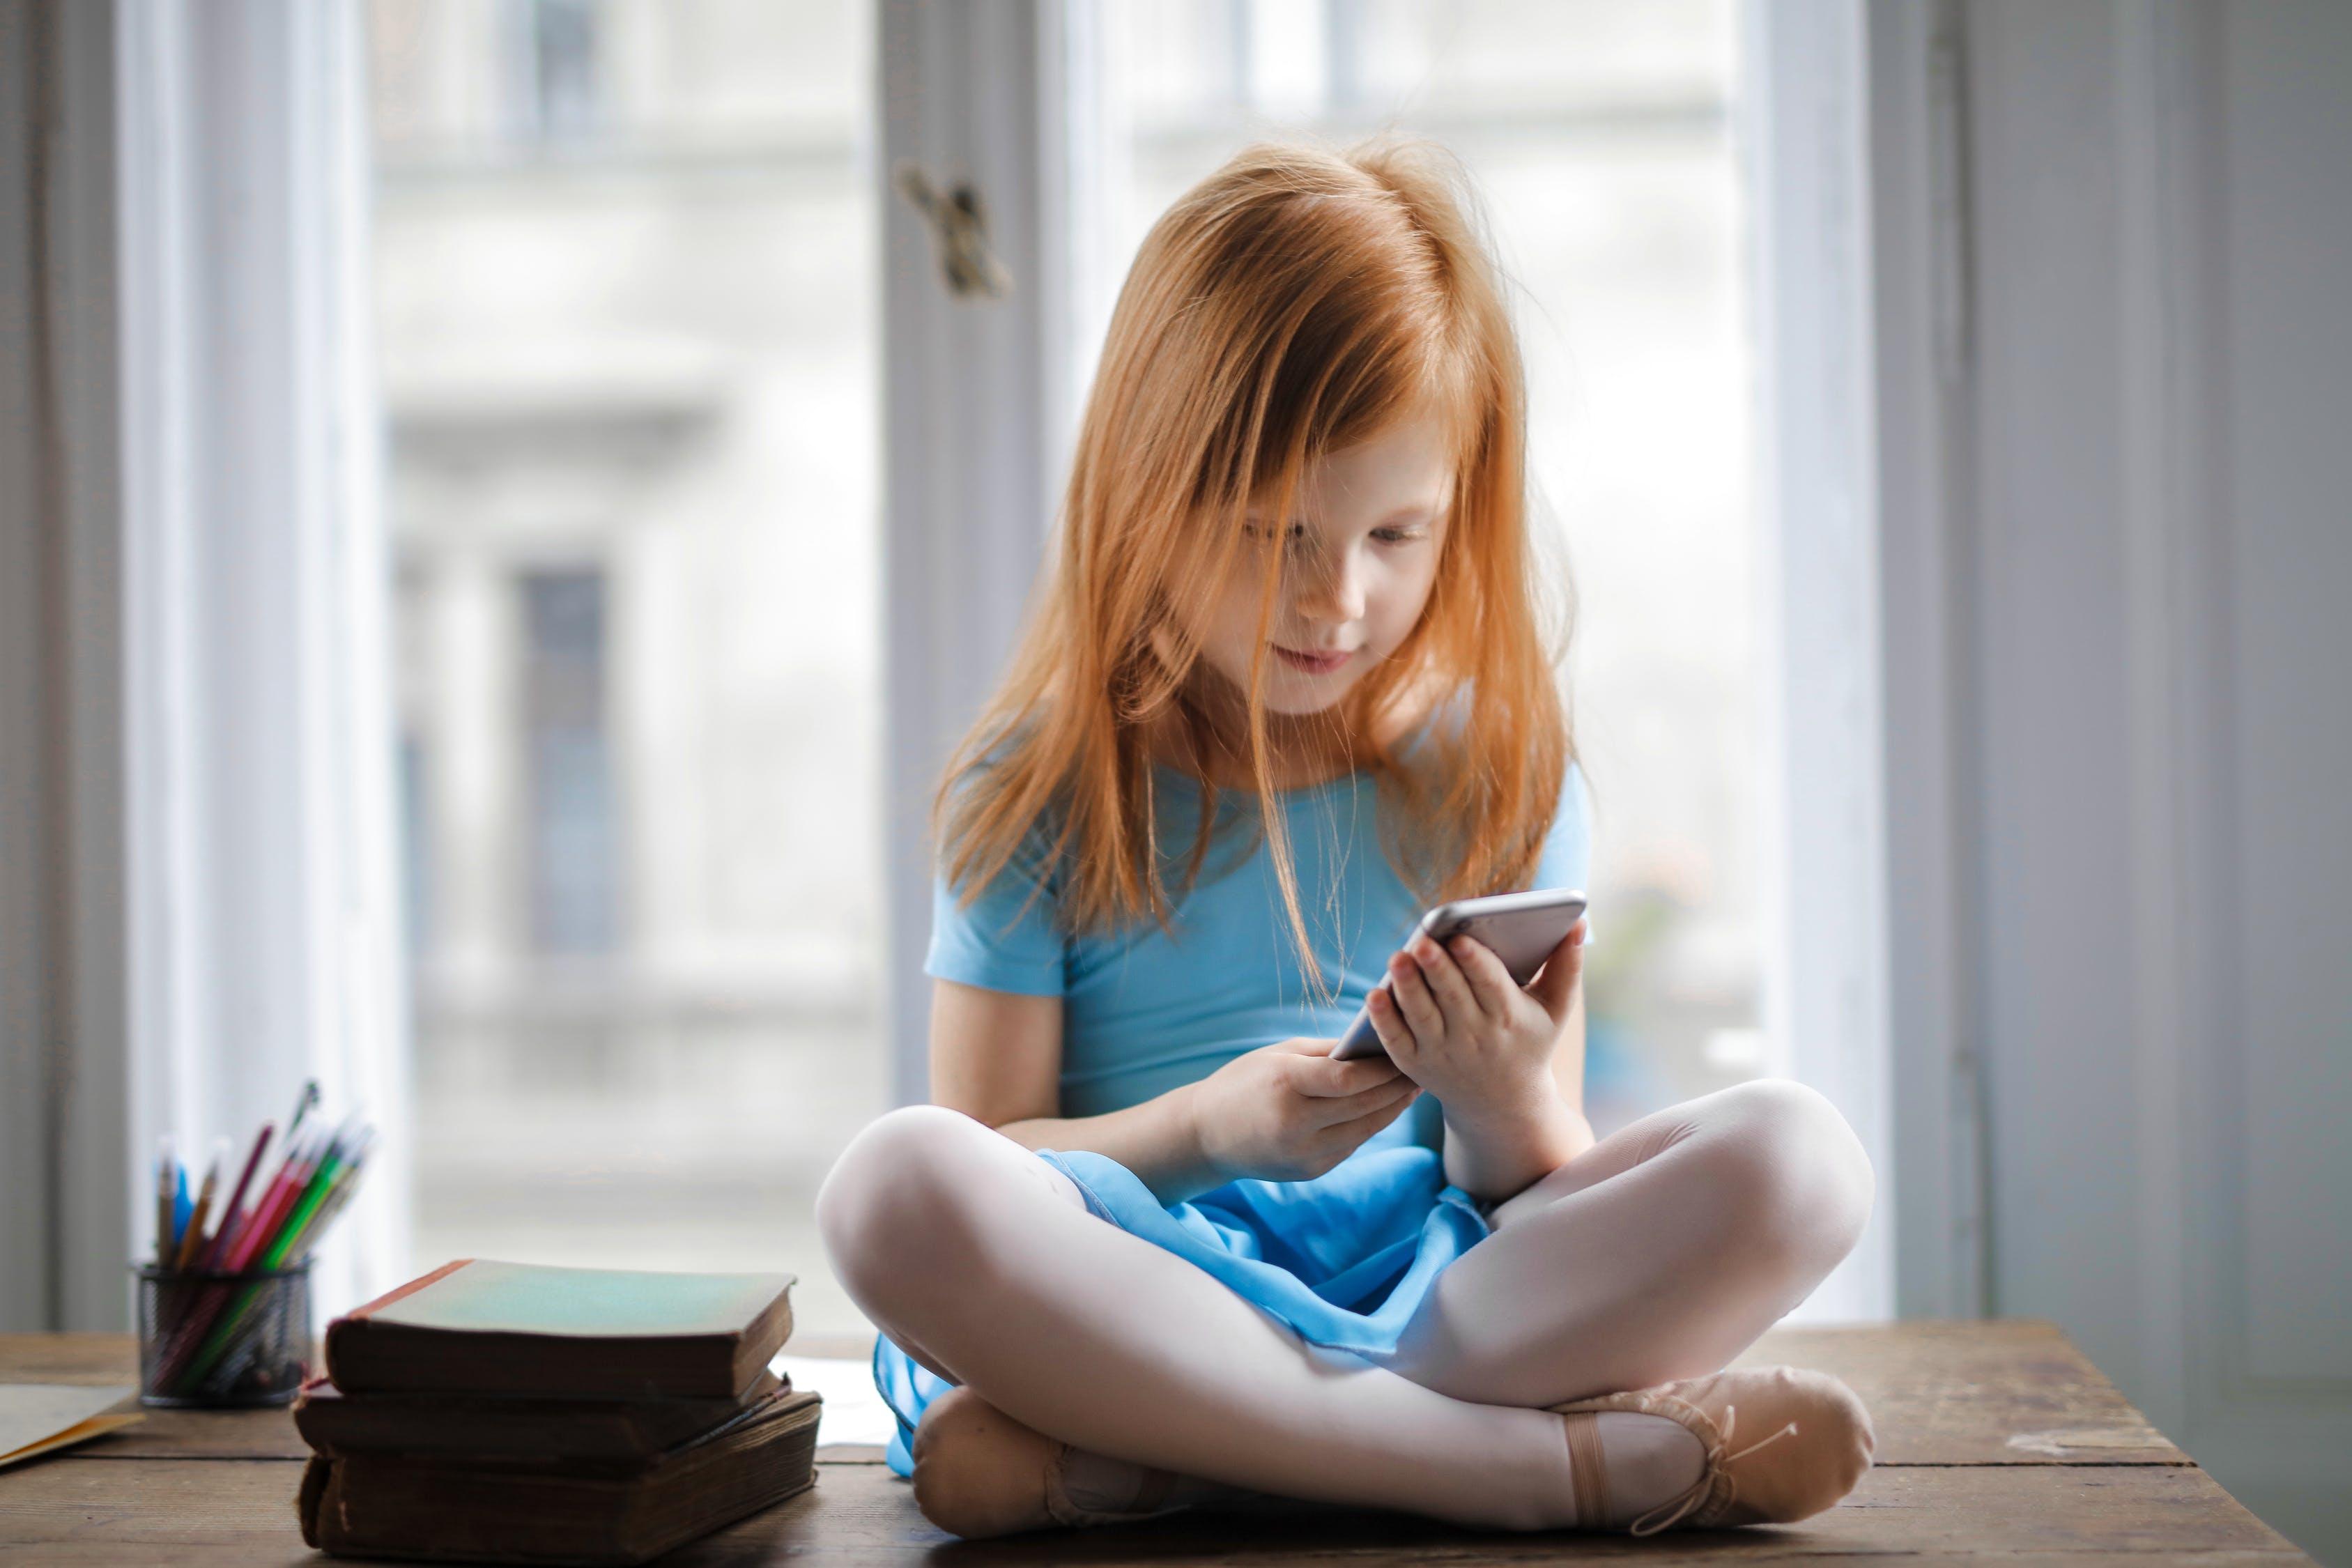 Новые функции, предложенные Facebook, помогут защитить психику юных пользователей Instagram